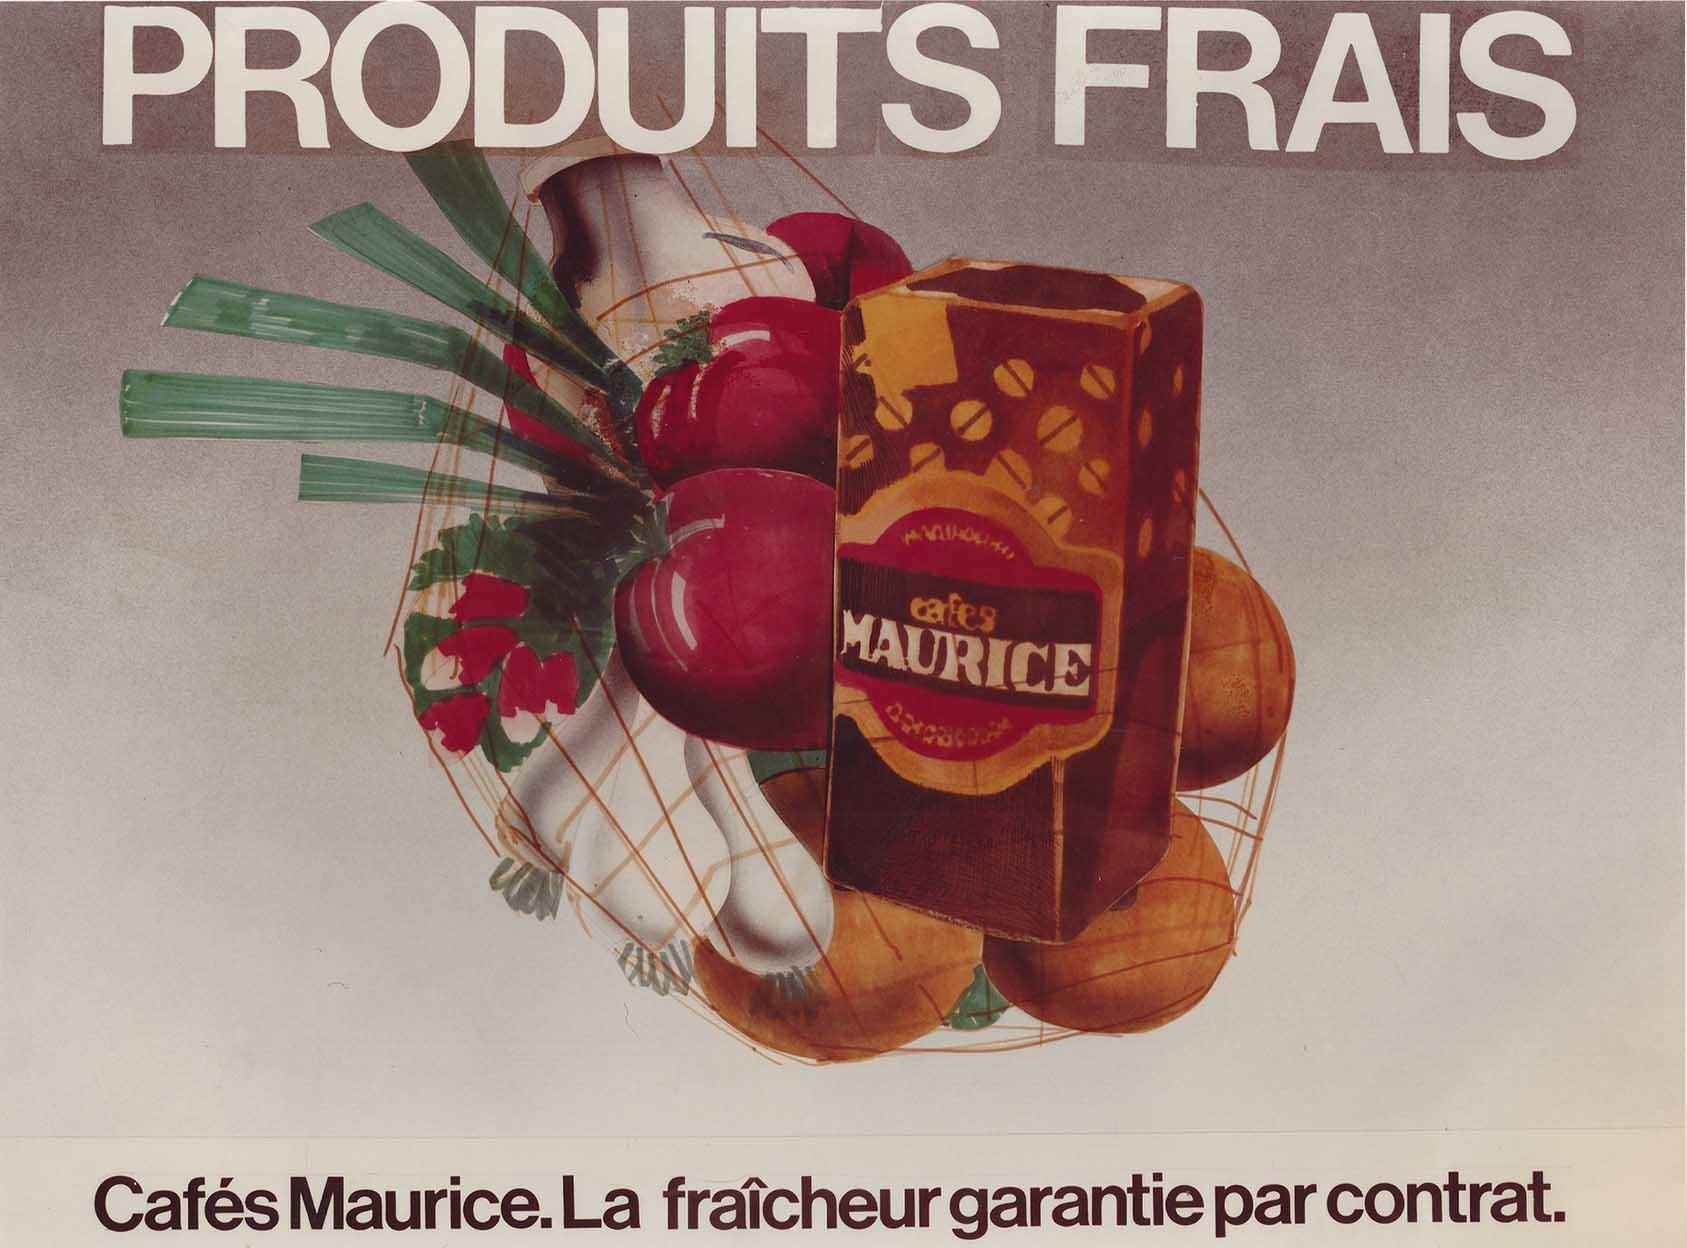 Campagne de publicité 1970 annonces Cafés Maurice